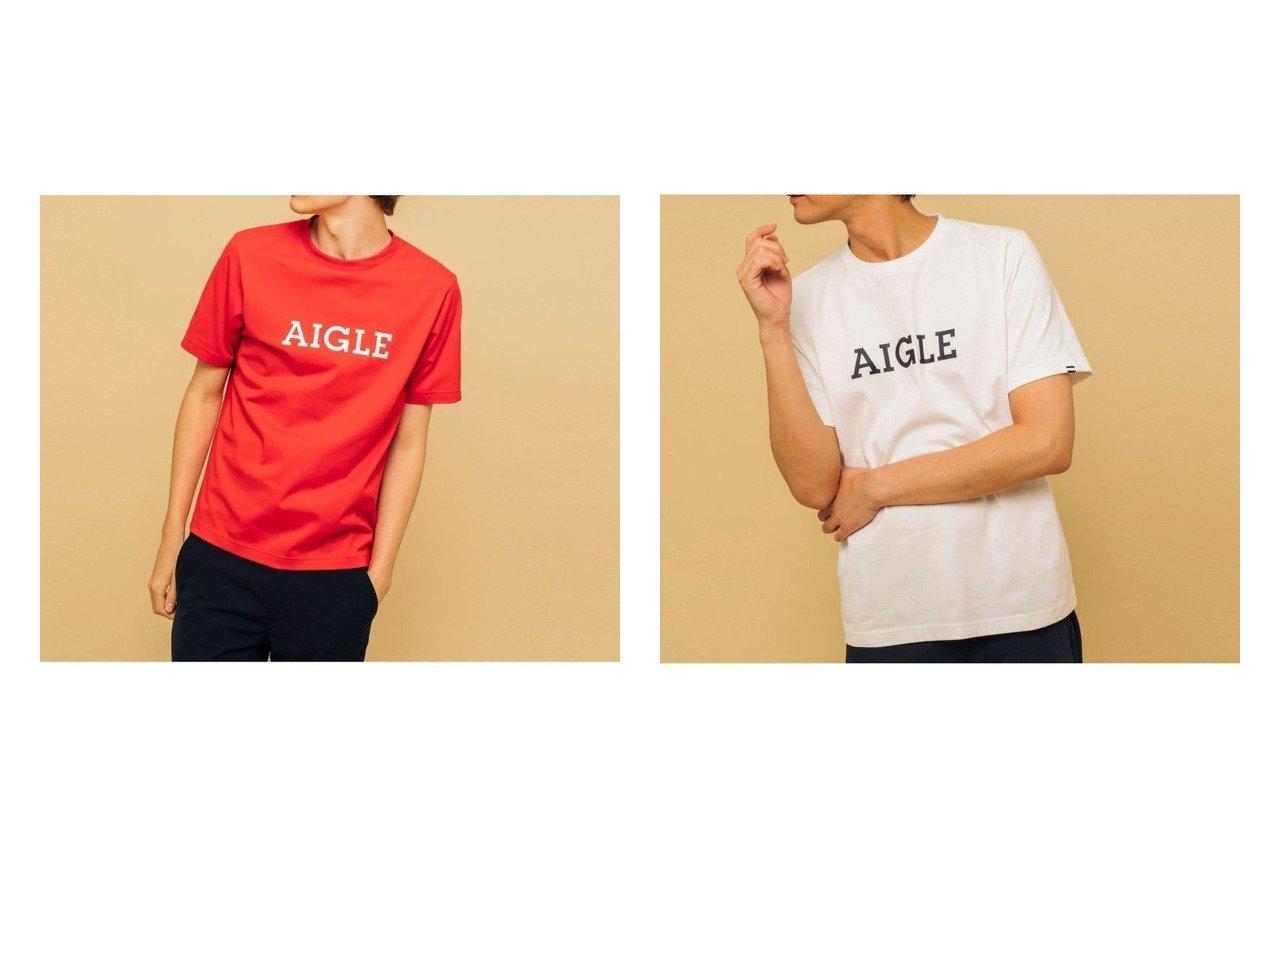 【AIGLE / MEN/エーグル】の吸水速乾エーグルグラフィックロゴTシャツ 【MEN】おすすめ!人気トレンド・男性、メンズファッションの通販 おすすめで人気の流行・トレンド、ファッションの通販商品 メンズファッション・キッズファッション・インテリア・家具・レディースファッション・服の通販 founy(ファニー) https://founy.com/ ファッション Fashion メンズファッション MEN トップス Tops Tshirt Men シャツ Shirts カットソー シンプル センター フィット フレンチ フロント プリント レギュラー 吸水 抗菌 |ID:crp329100000018453